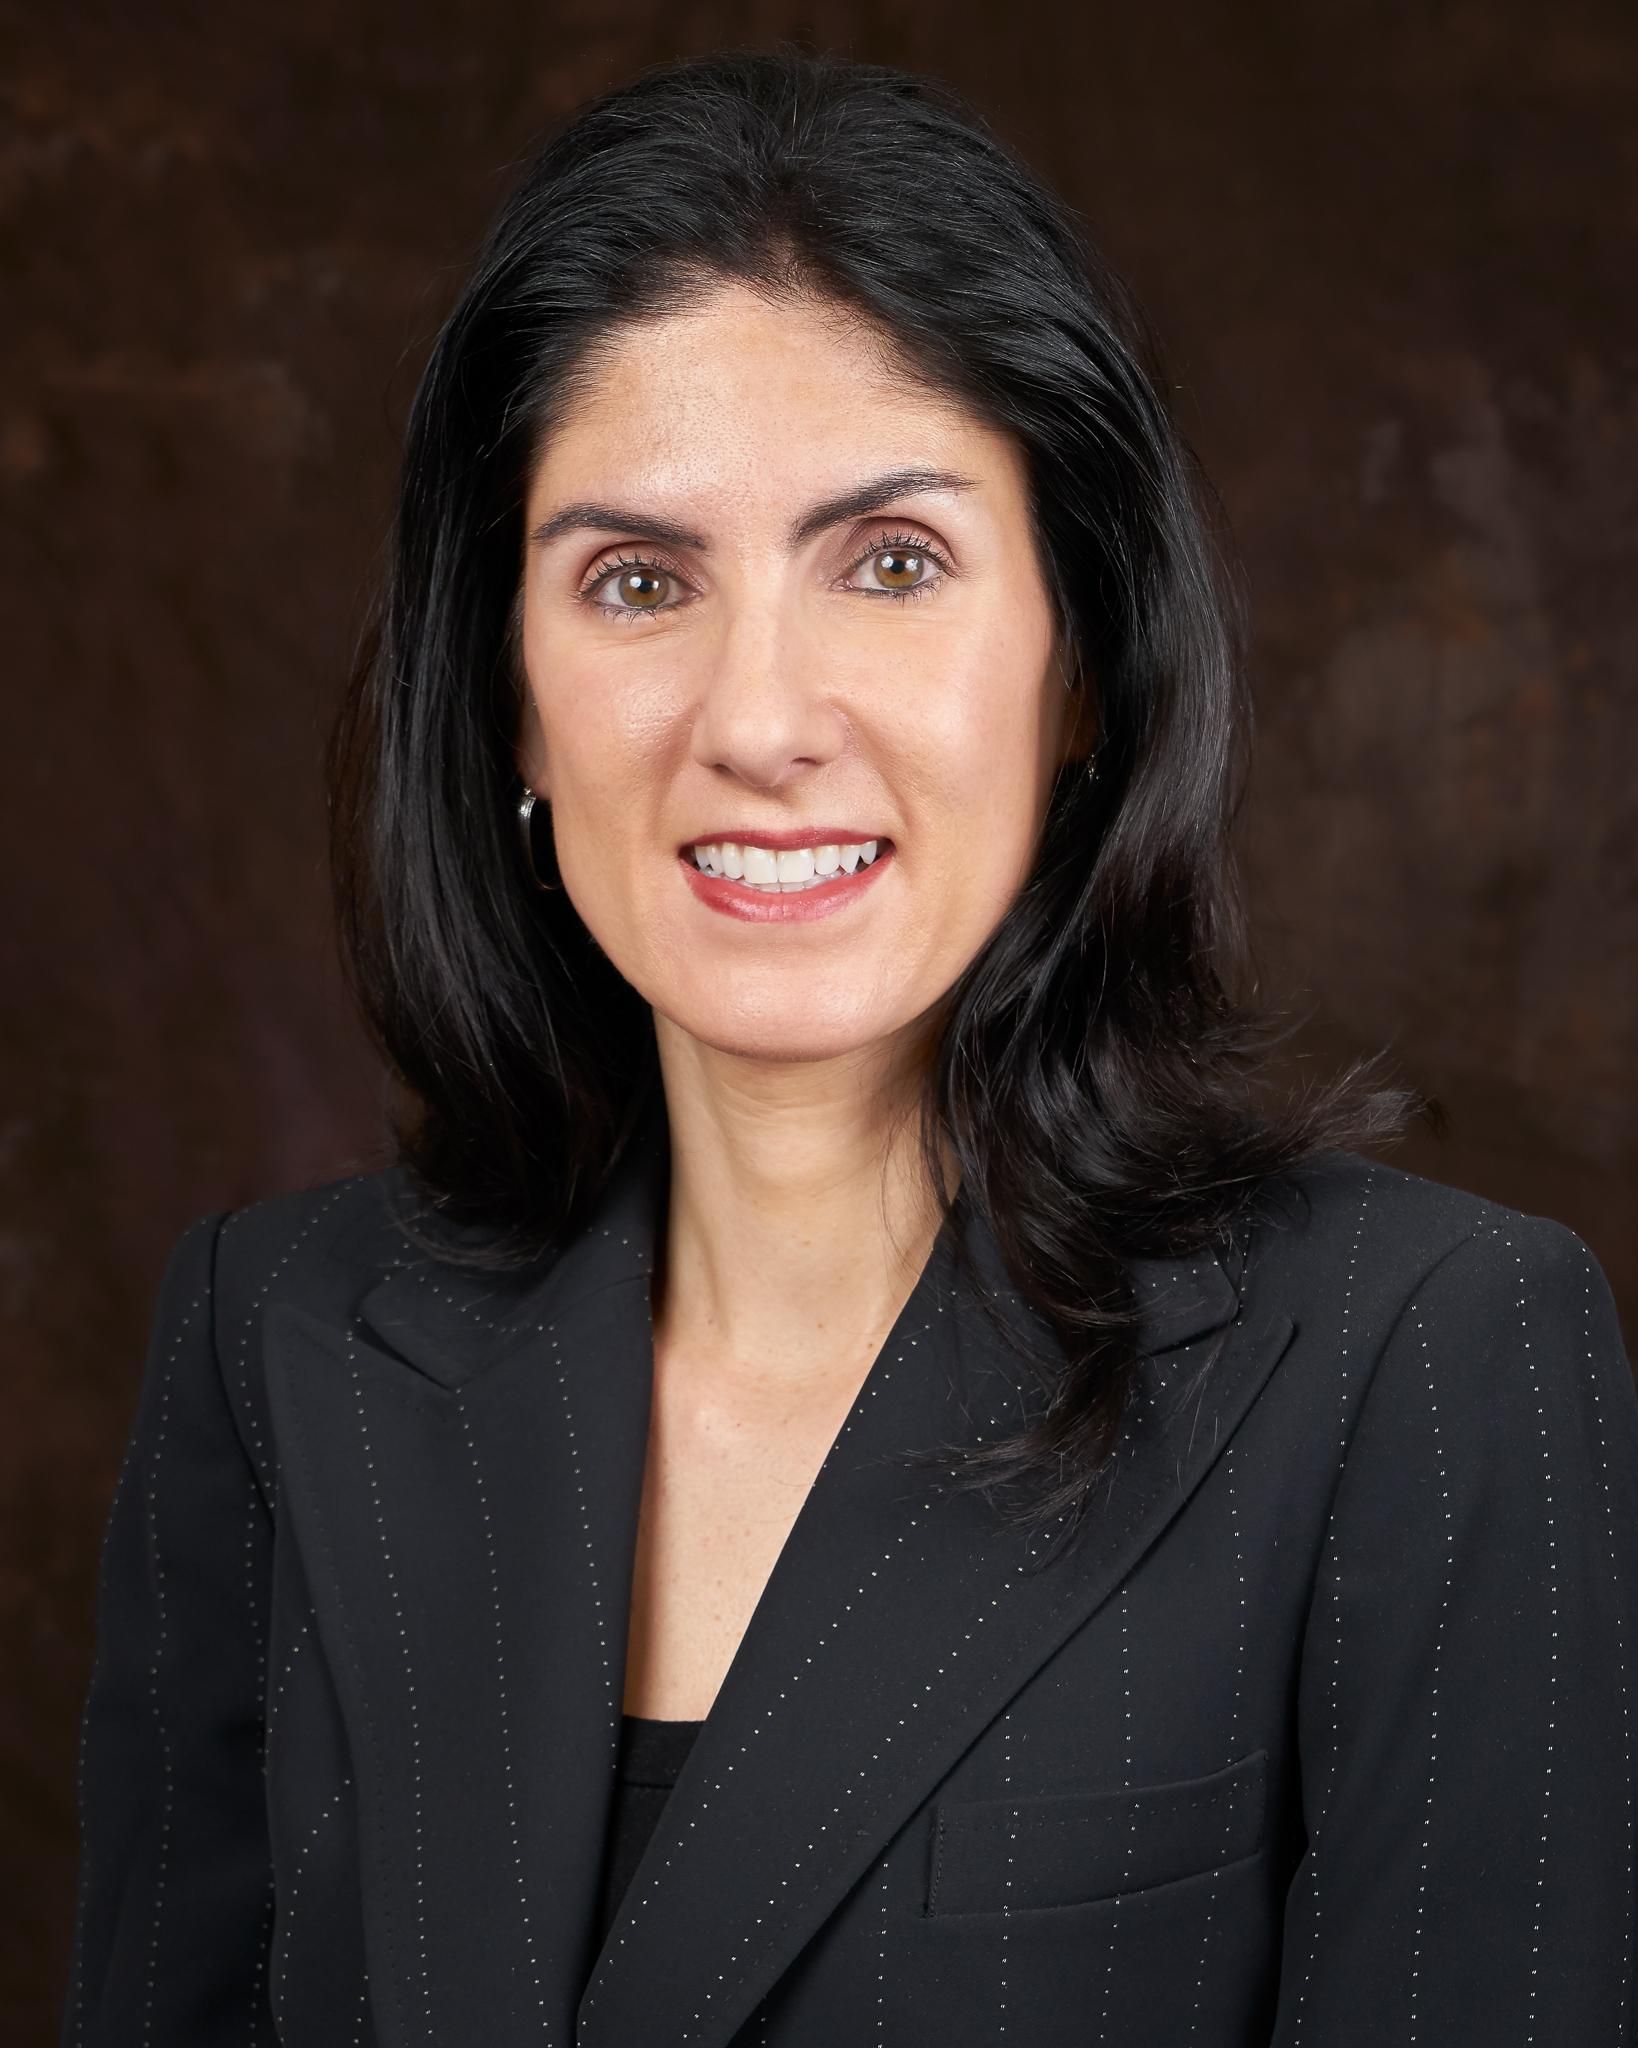 Sophia Chisholm